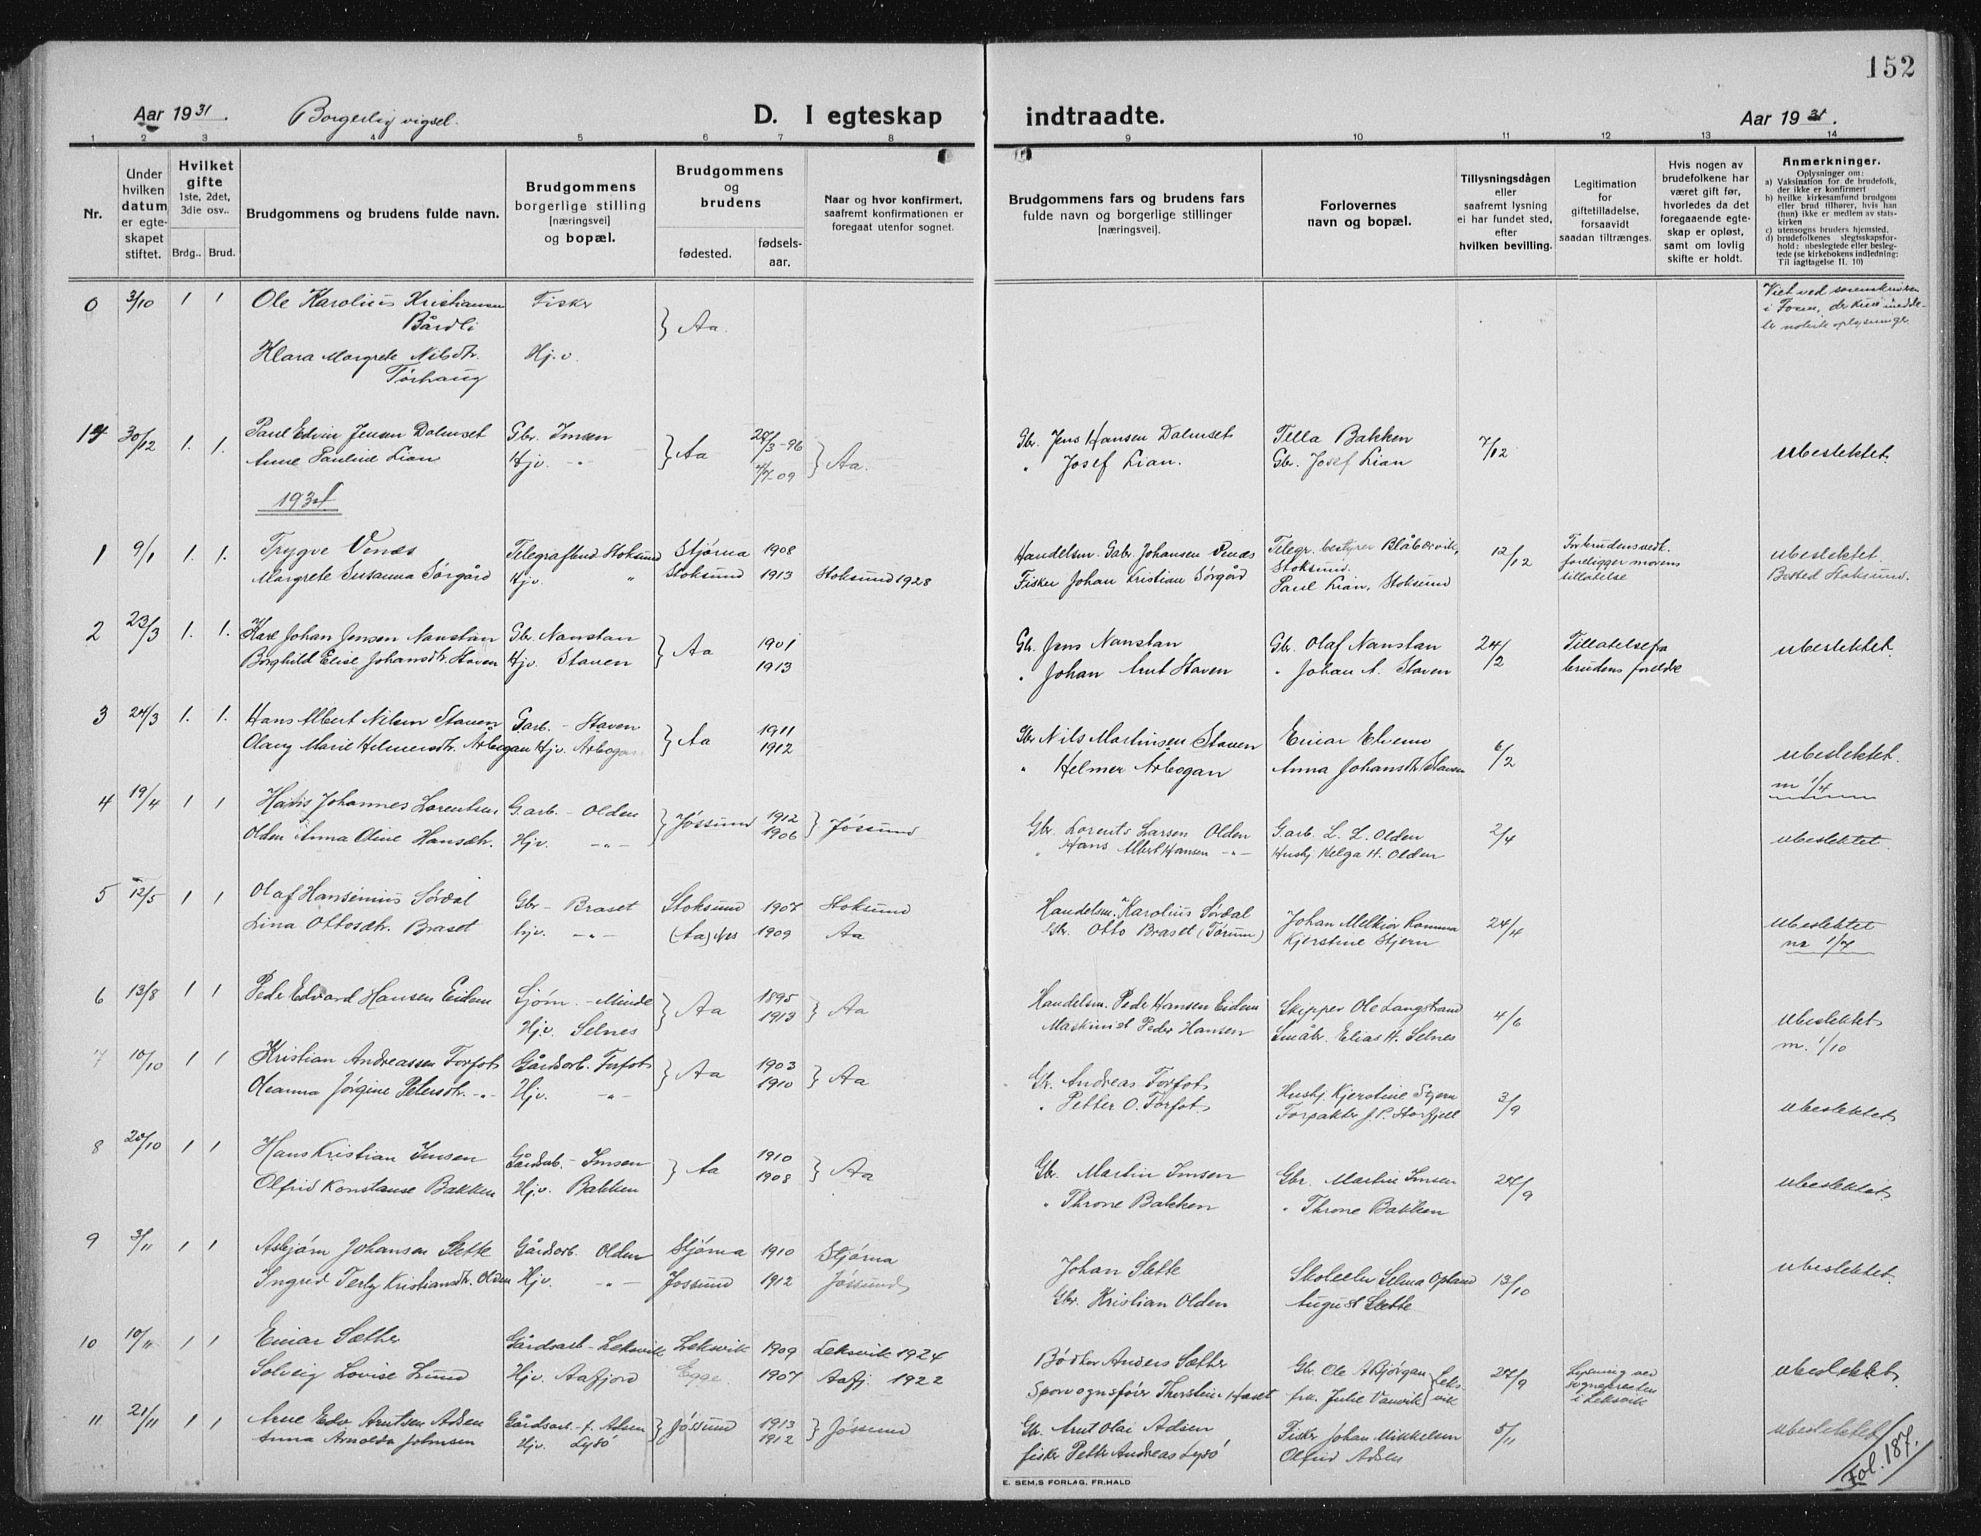 SAT, Ministerialprotokoller, klokkerbøker og fødselsregistre - Sør-Trøndelag, 655/L0689: Klokkerbok nr. 655C05, 1922-1936, s. 152